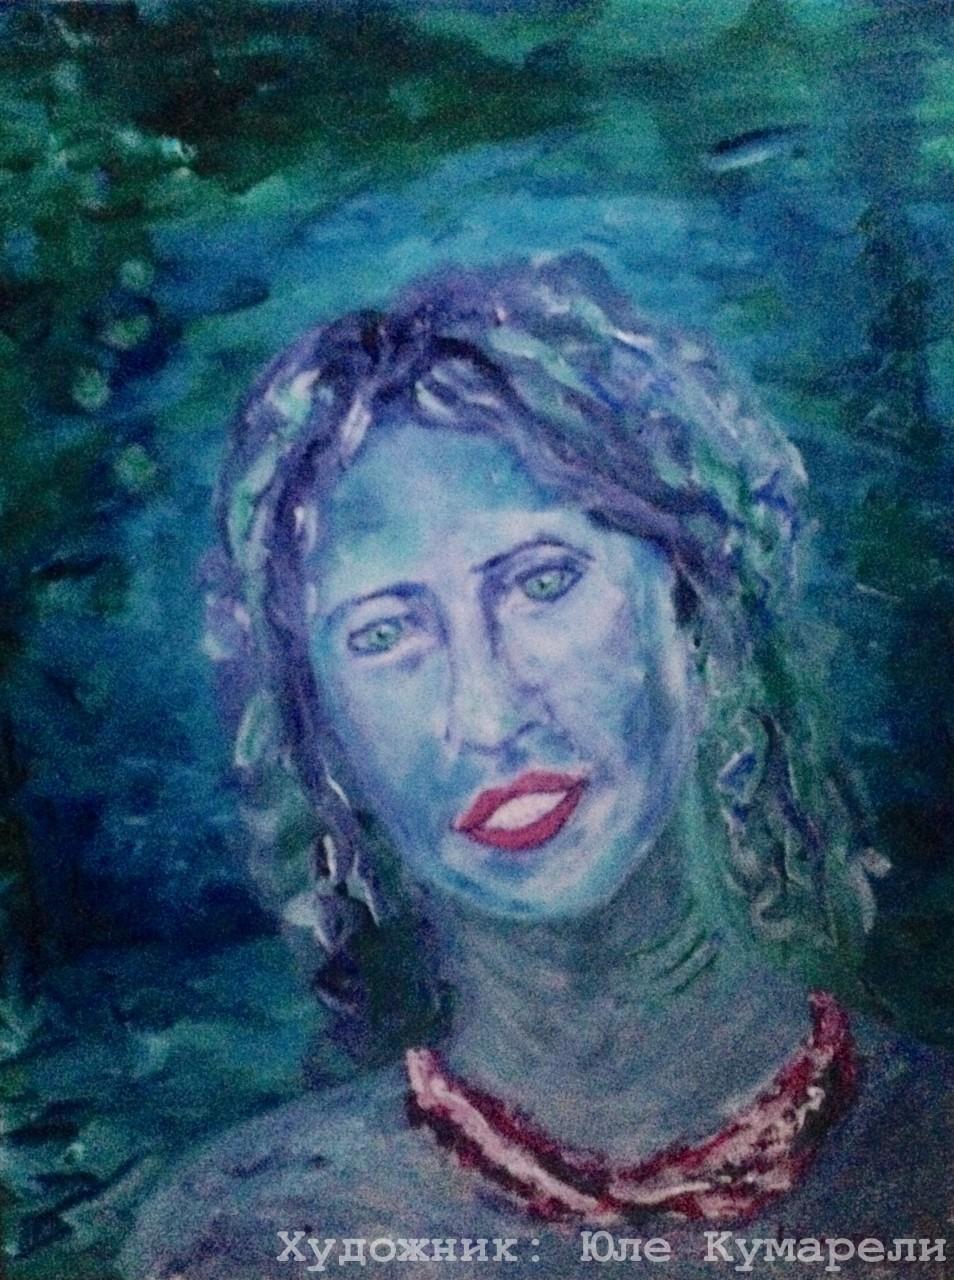 Страшнее, чем в жизни: питерская художница нарисовала Собчак